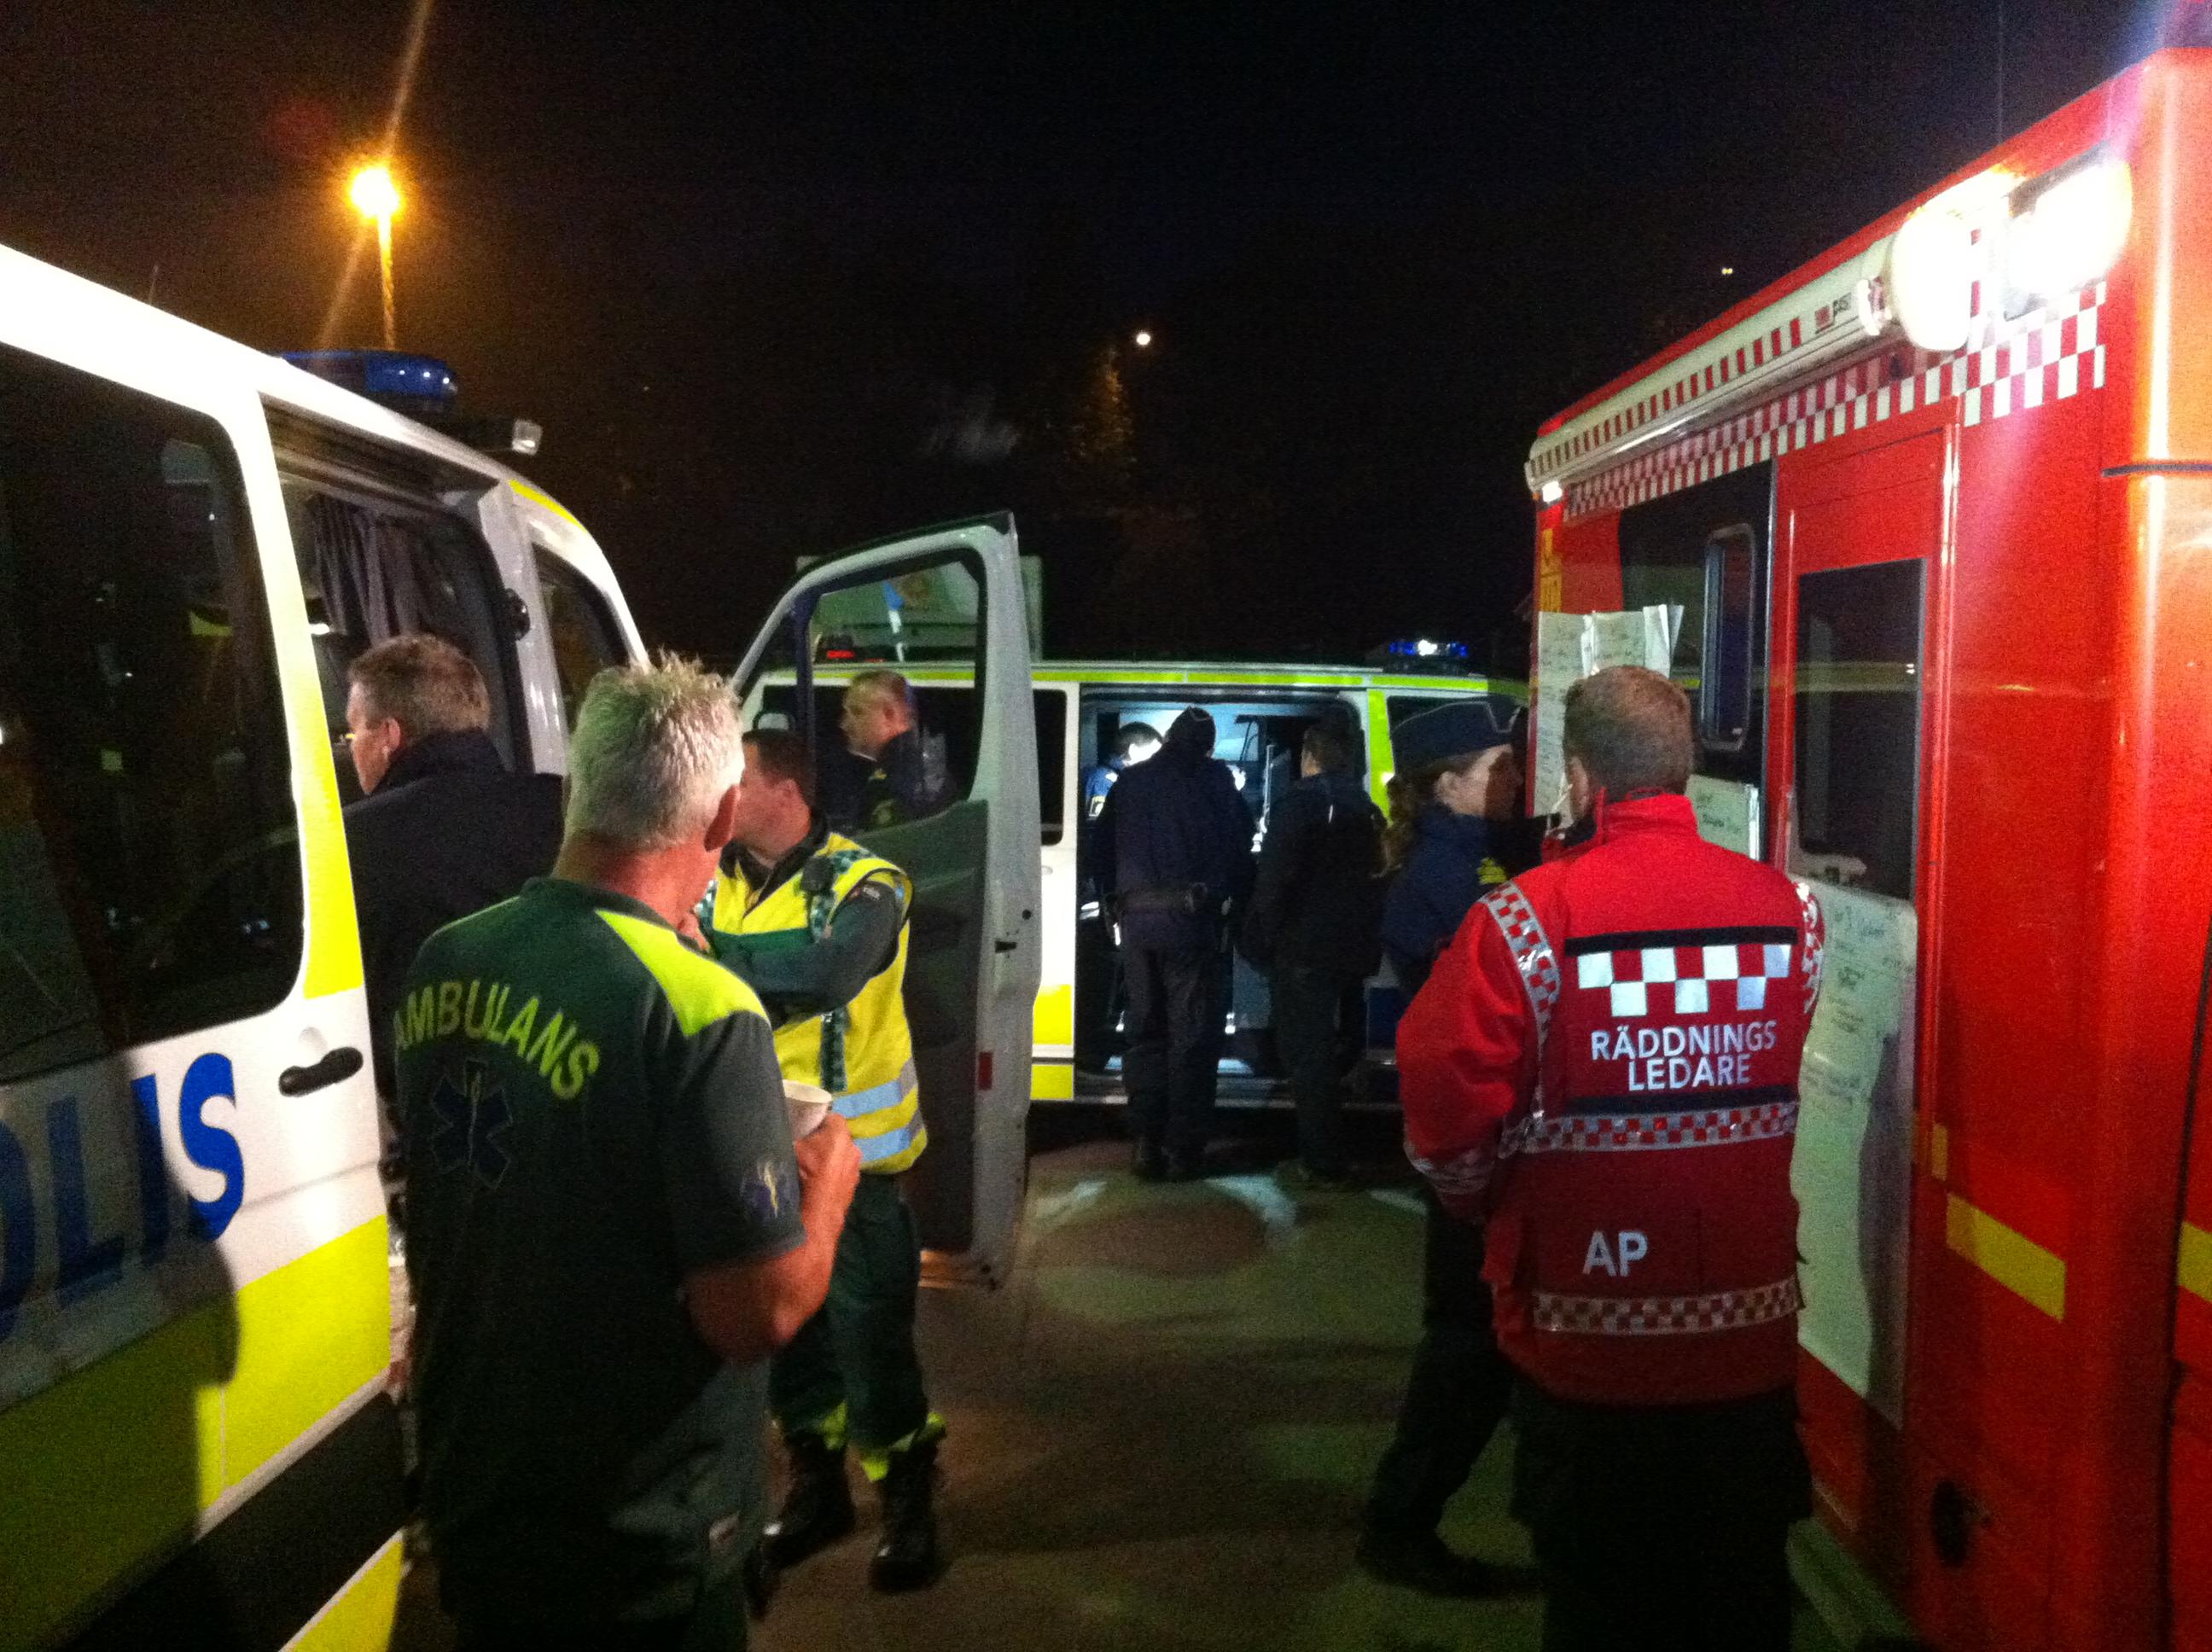 ESKORTE PÅ JOBB: Janne Kautto, lederen for svenske ambulansesykepleiere, tok dette bildet på en av sine nattevakter i en forstad til Stockholm det siste året. Ofte trenger ambulansene politibeskyttelse på utrykning.